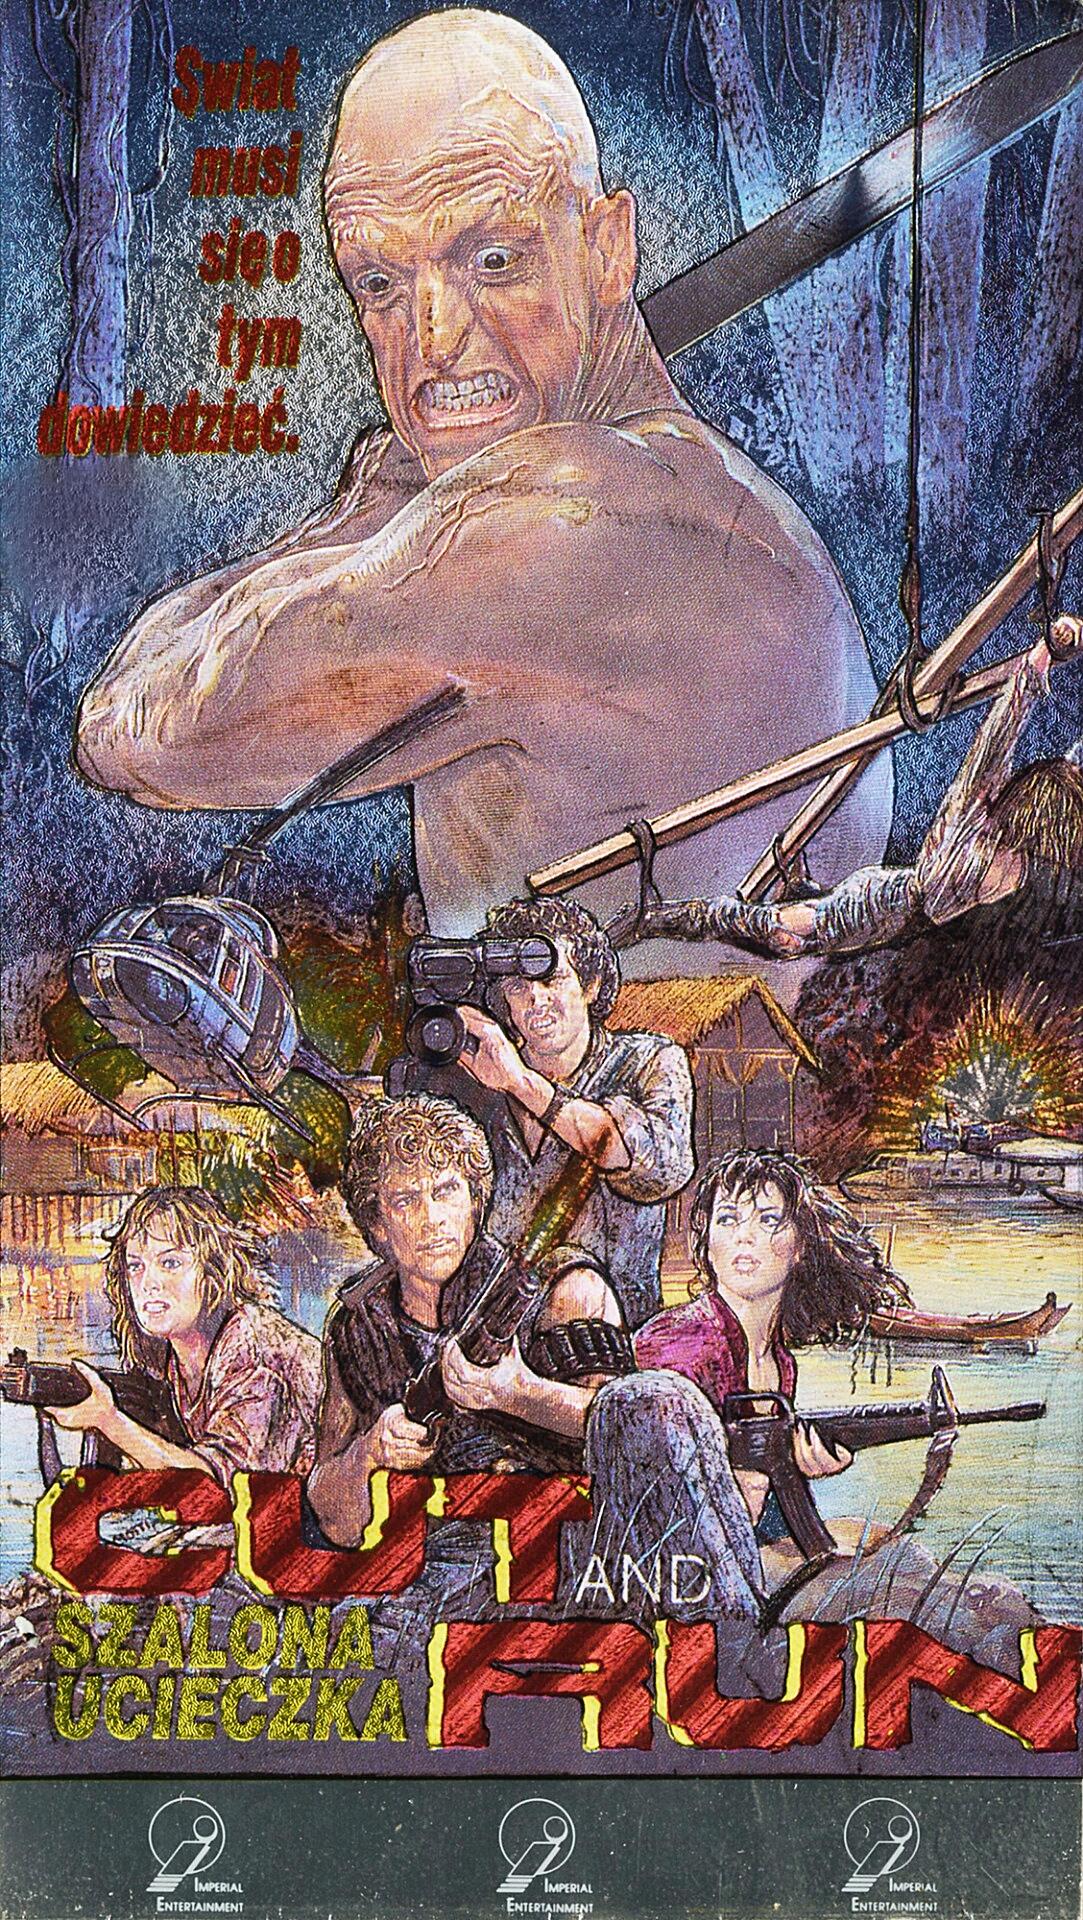 Inferno in diretta (1985)